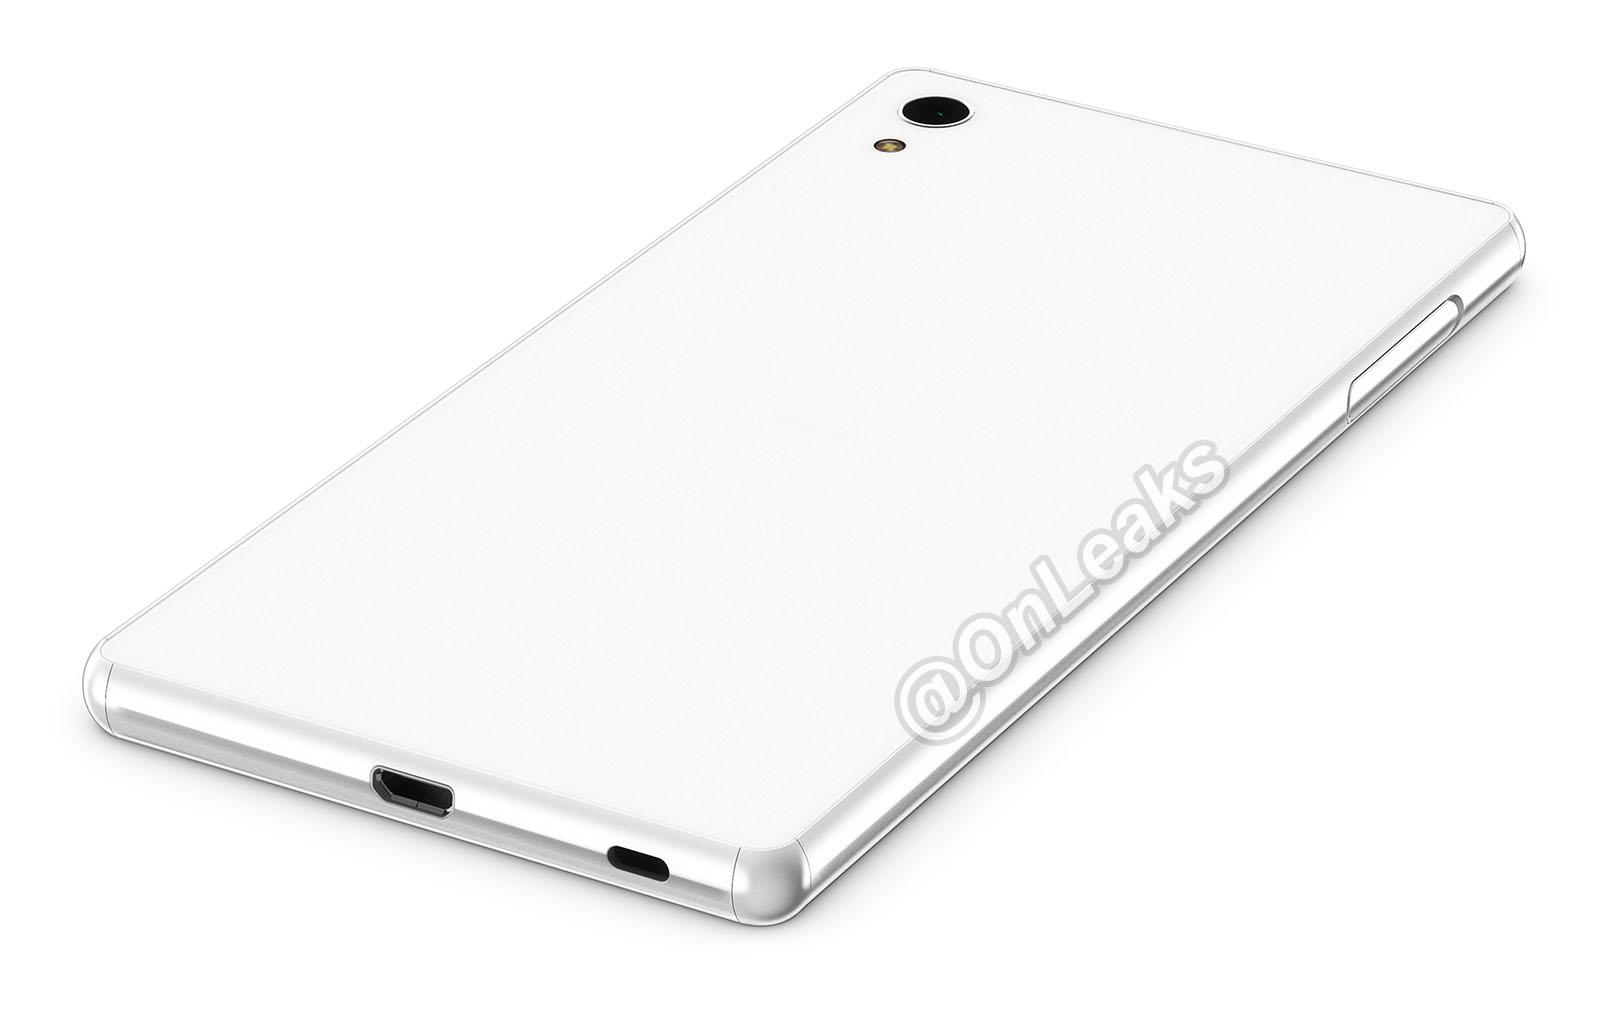 Новые промо рендеры Xperia Z4 просочились в сеть